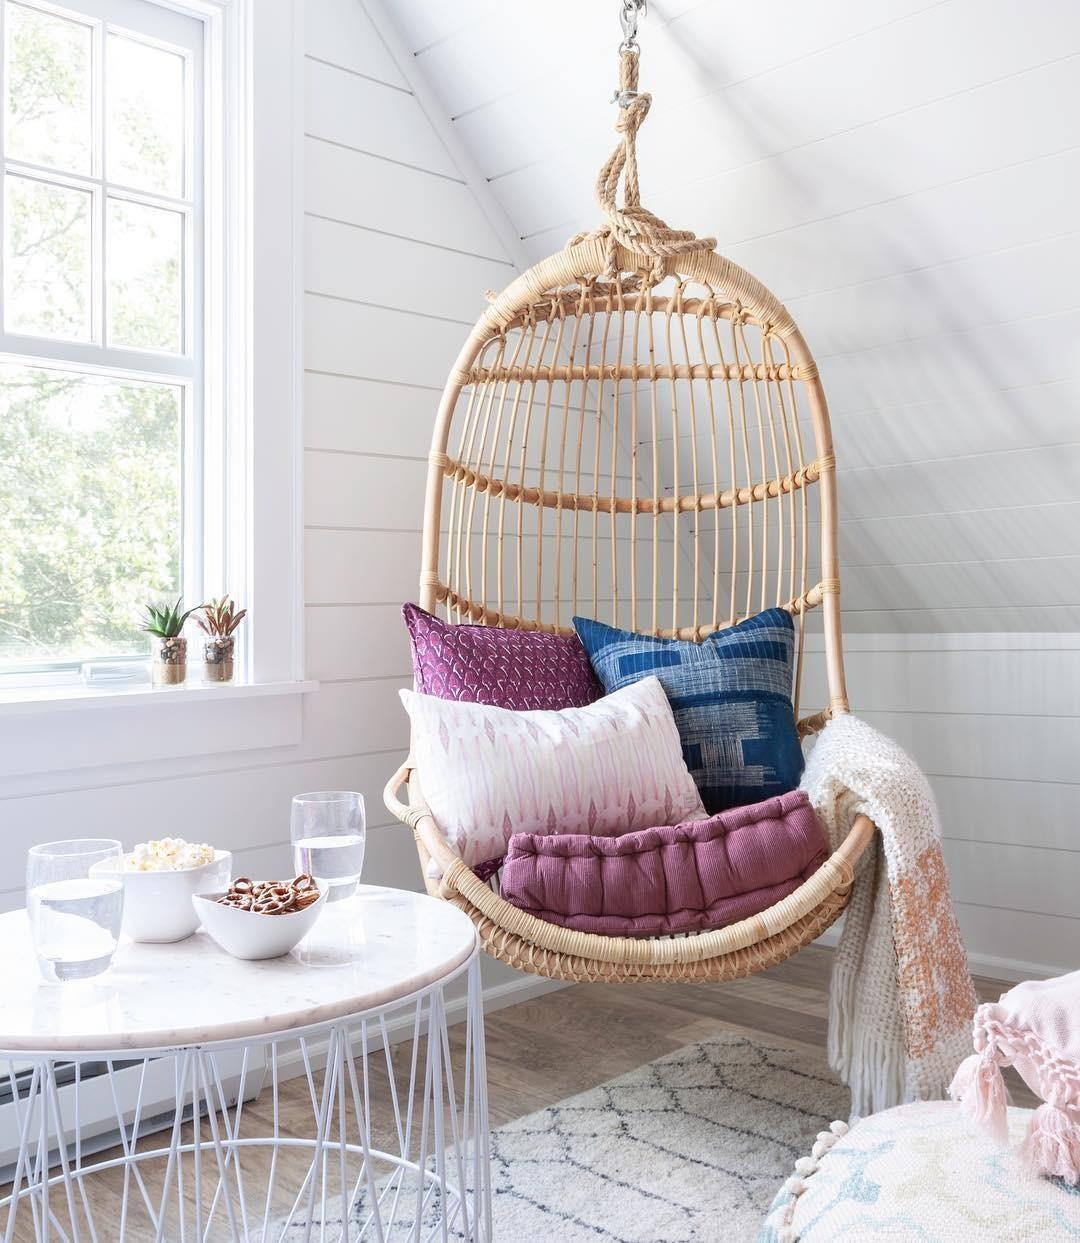 Дизайн мансарды в частном доме: фотогалерея интерьеров и советы по обустройству разных комнат